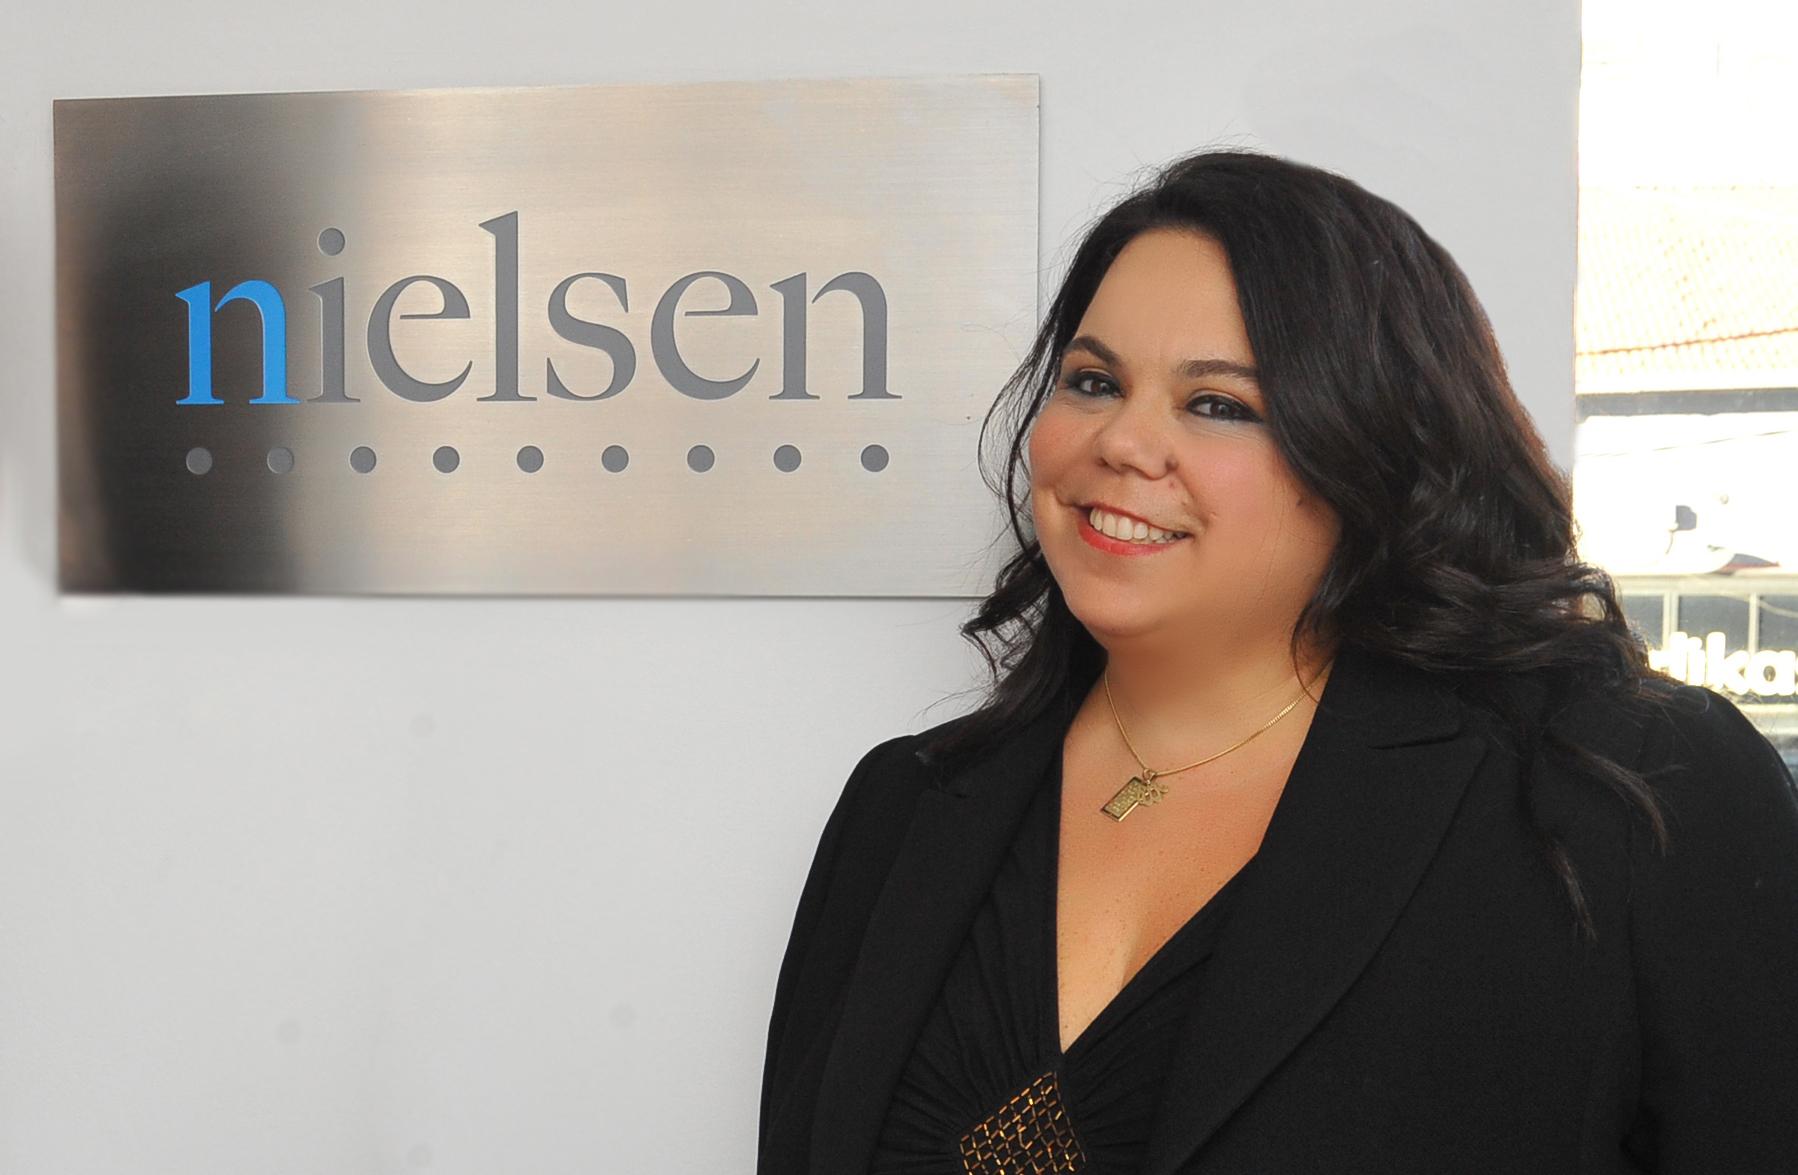 Nielsen Türkiye'de görev değişikliği